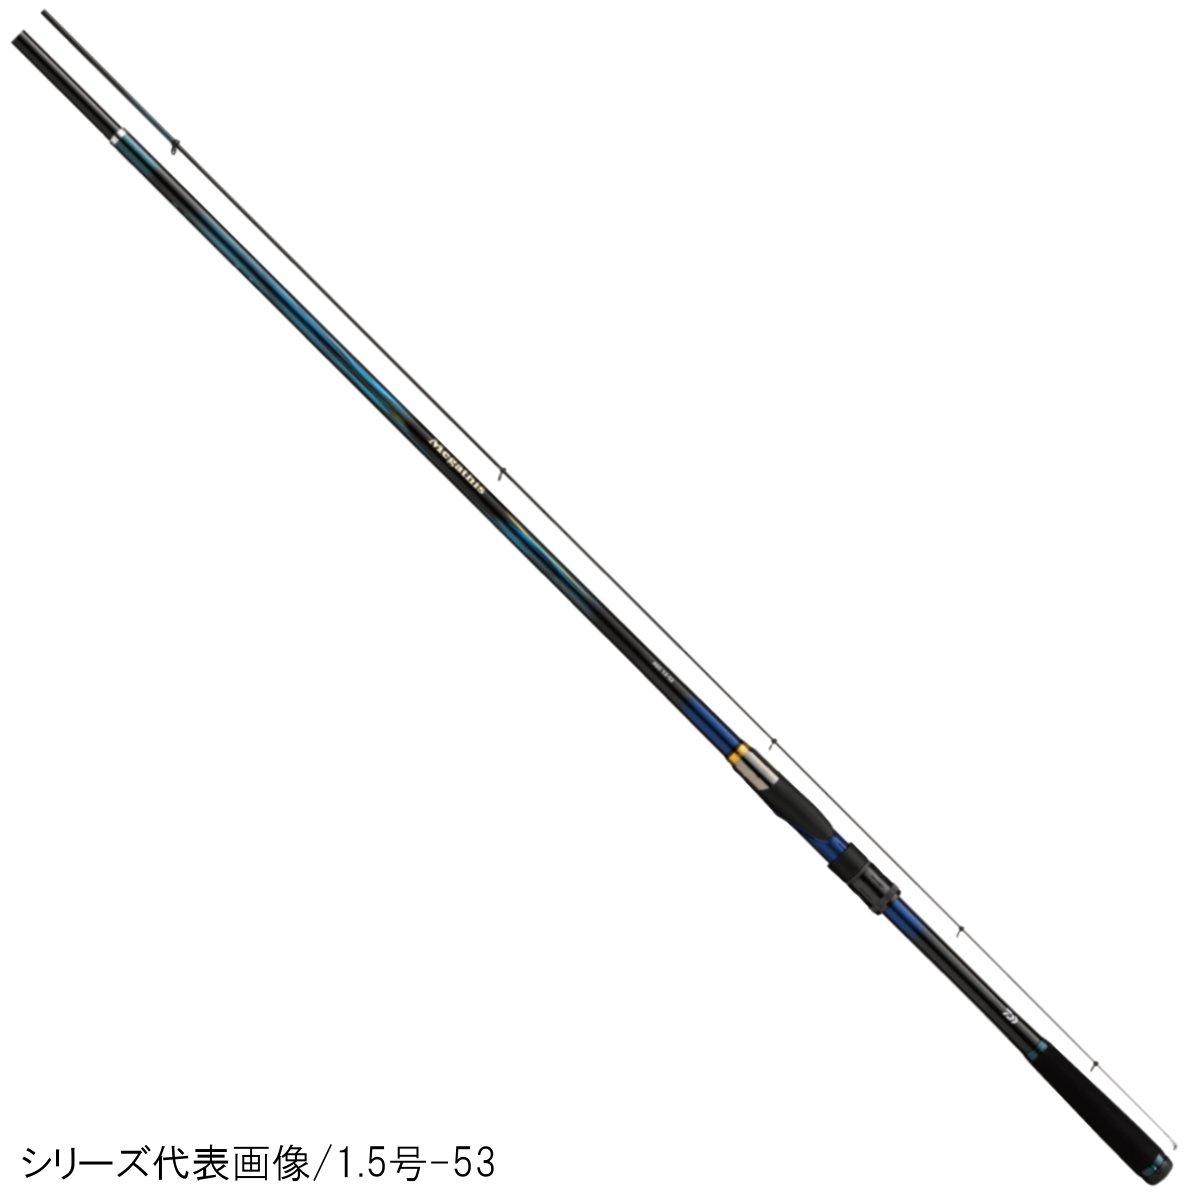 ダイワ メガディス AGS 1.25号-52 SMT【送料無料】